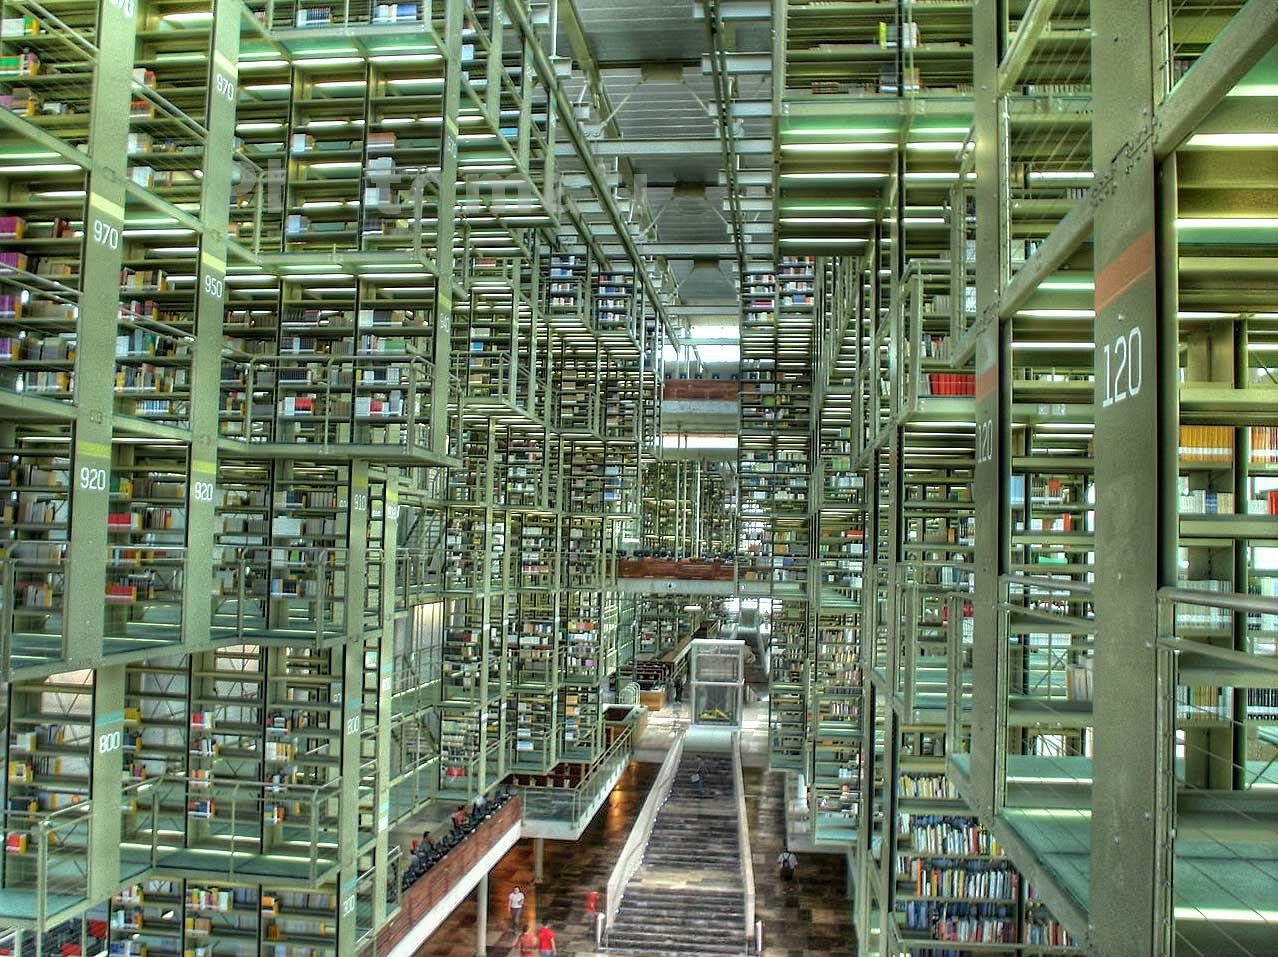 Biblioteca Vasconcelos, knihovna v Mexico City postavená podle návrhu Alberto Kalacha a Juana Palomara